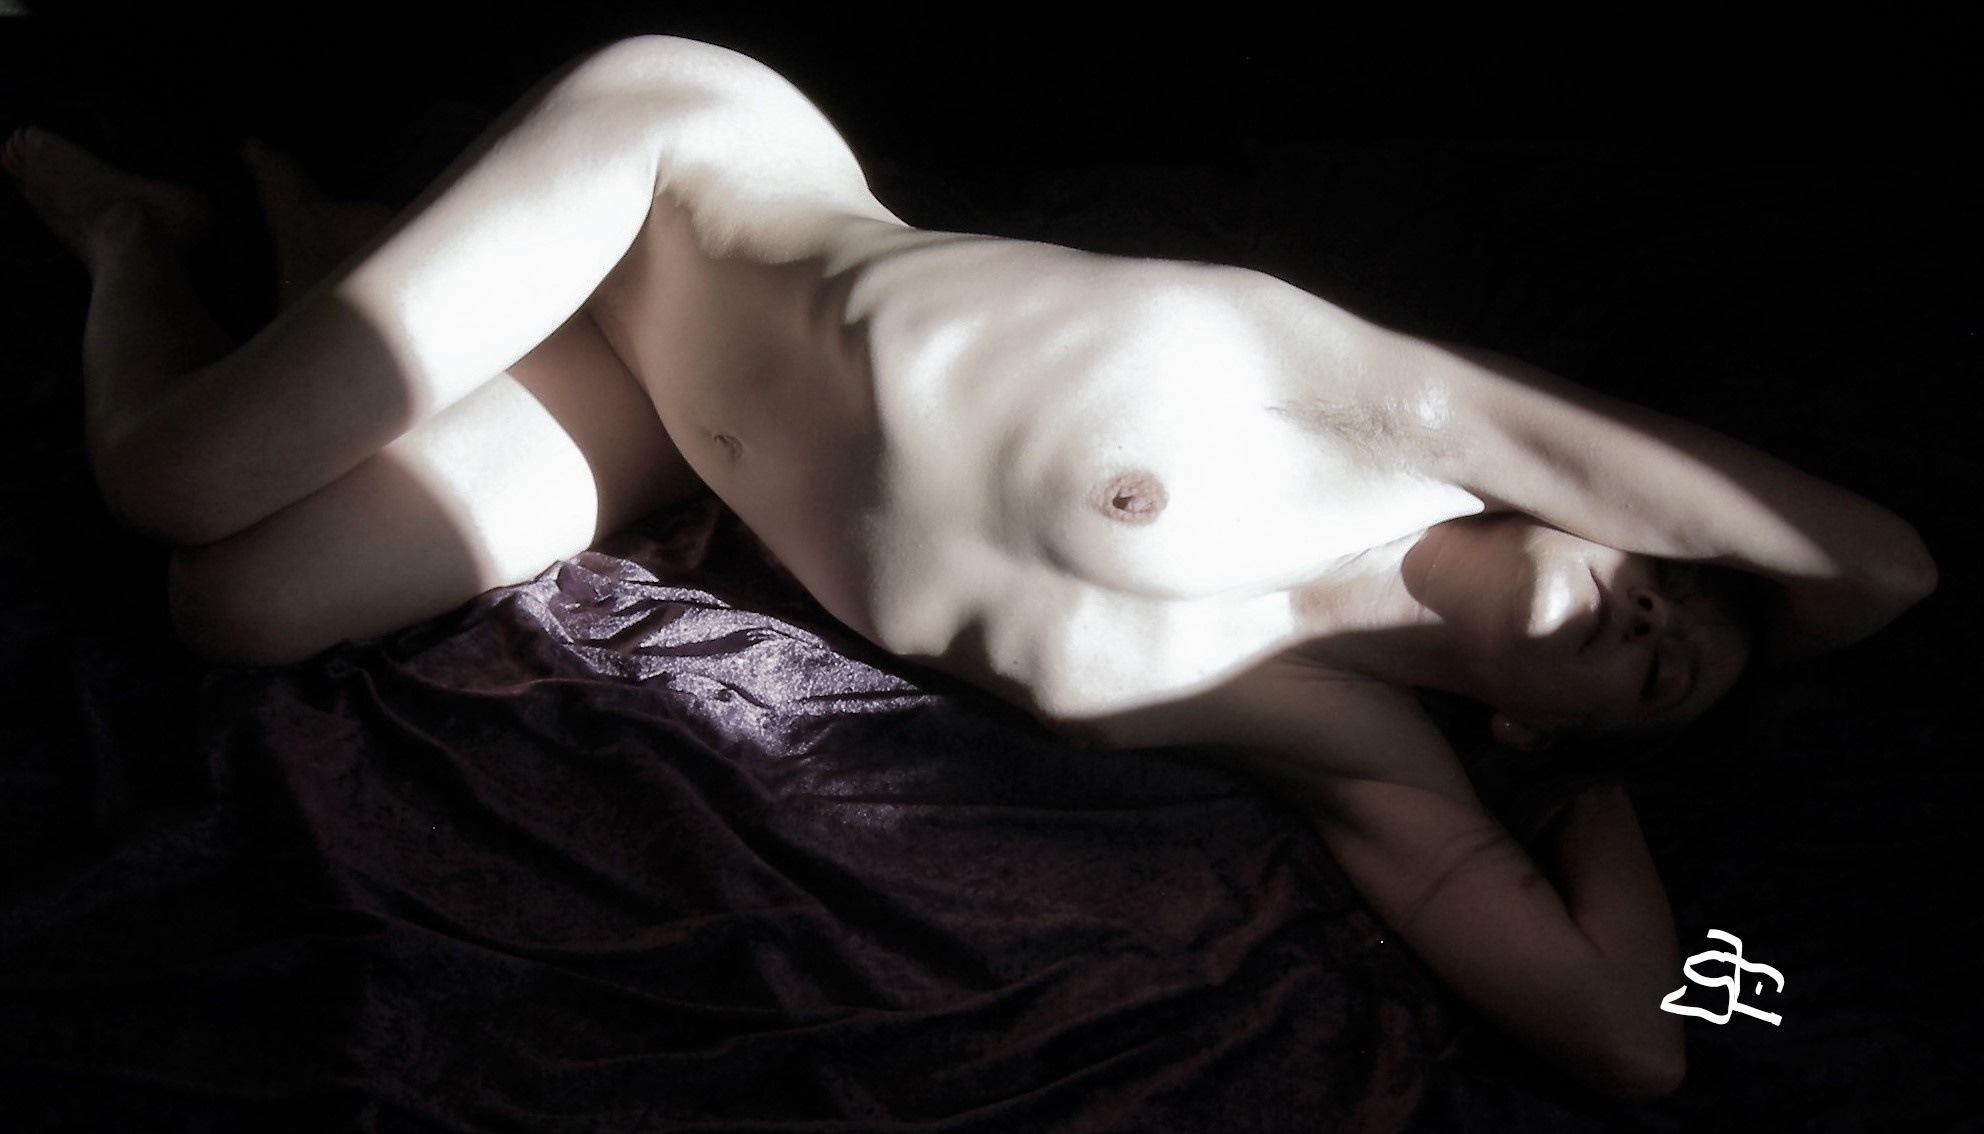 PURPLE LADY. by Joergen Hansen